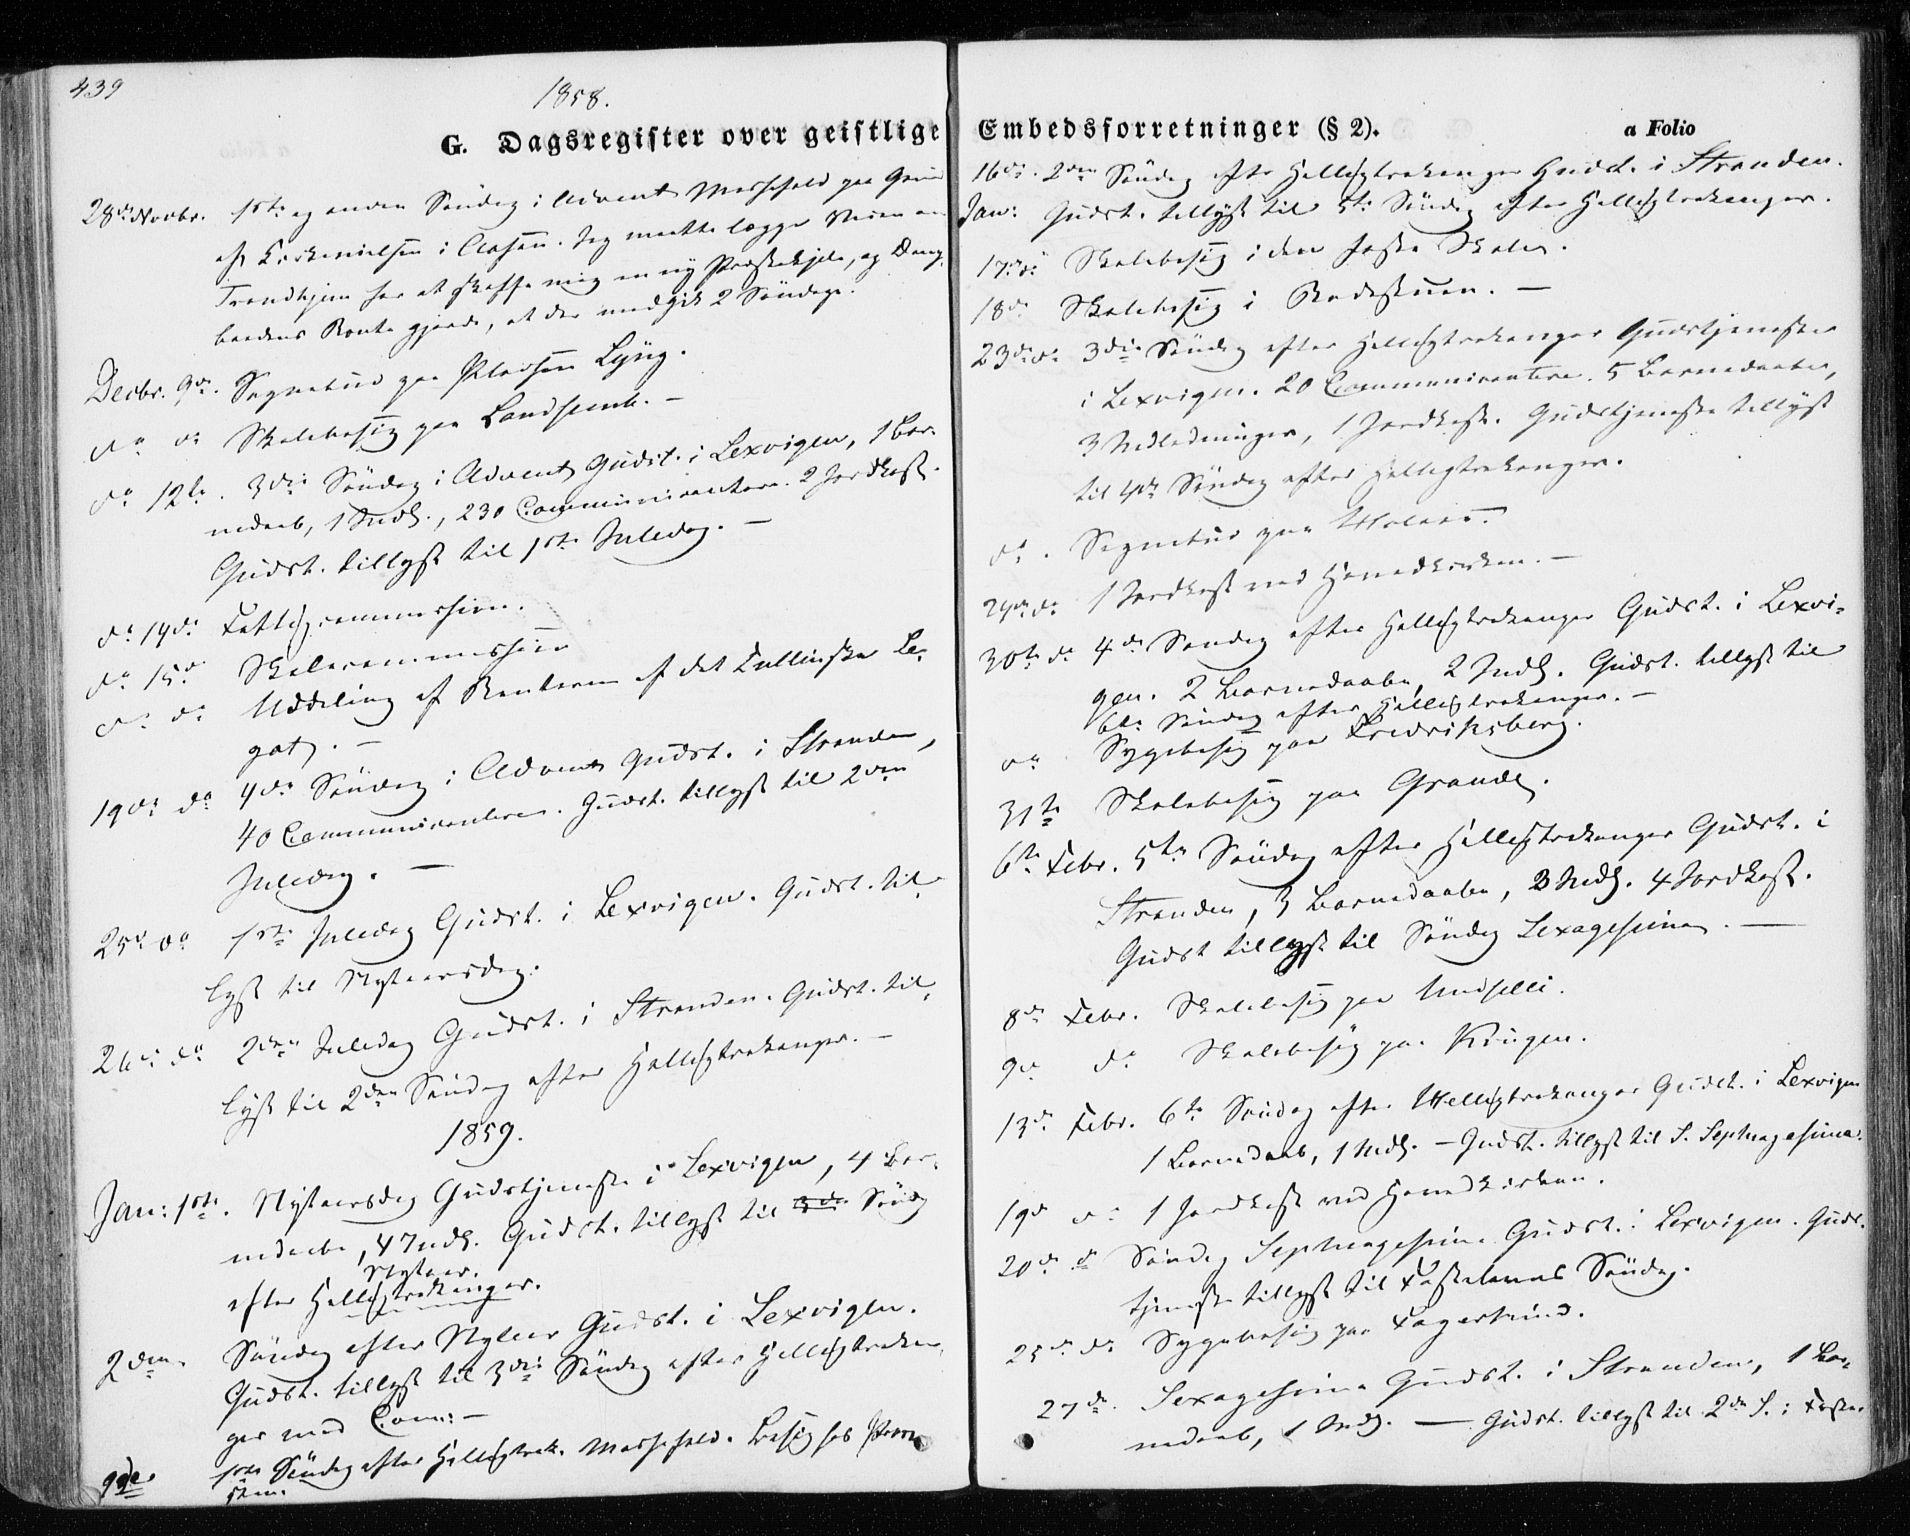 SAT, Ministerialprotokoller, klokkerbøker og fødselsregistre - Nord-Trøndelag, 701/L0008: Ministerialbok nr. 701A08 /1, 1854-1863, s. 439